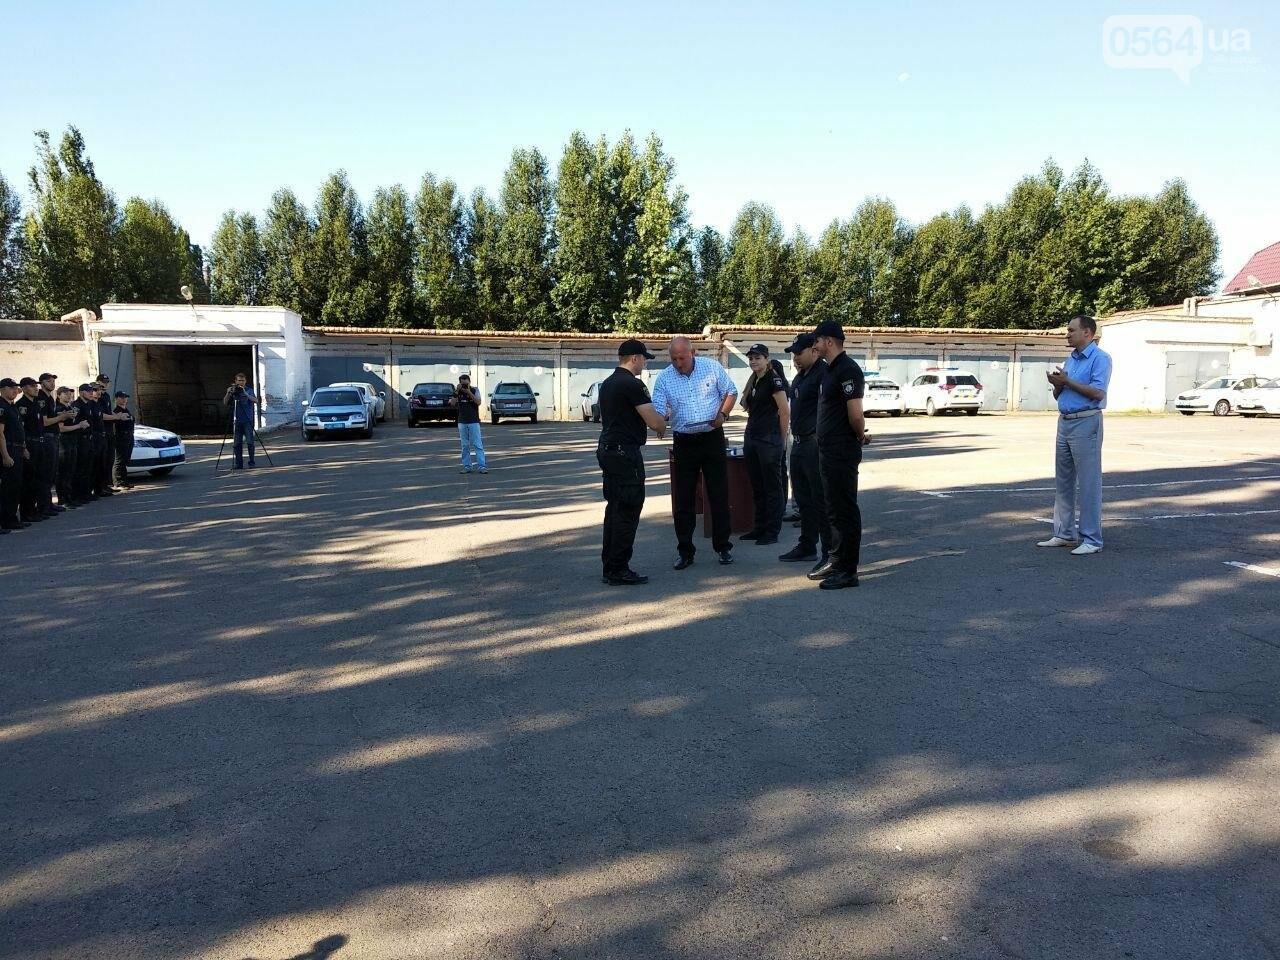 В Кривом Роге наградили патрульных за добросовестное выполнение служебных обязанностей, - ФОТО, фото-7